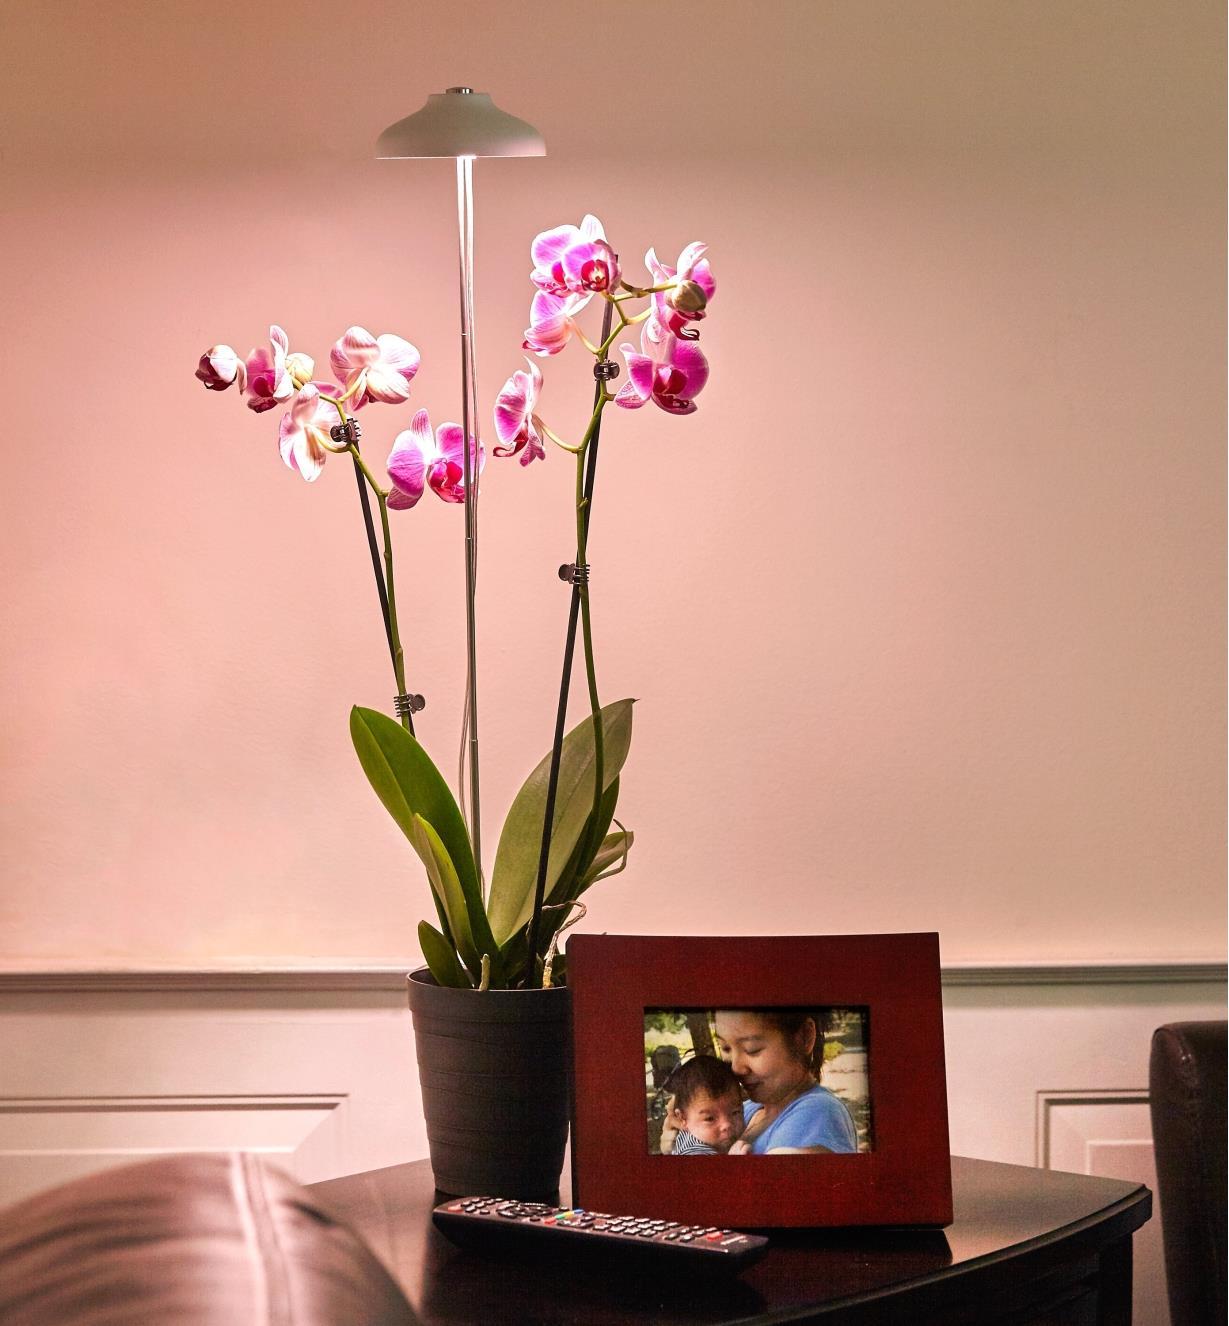 Minilampe horticole à DEL ajustée à la hauteur d'une orchidée grâce à sa tige télescopique